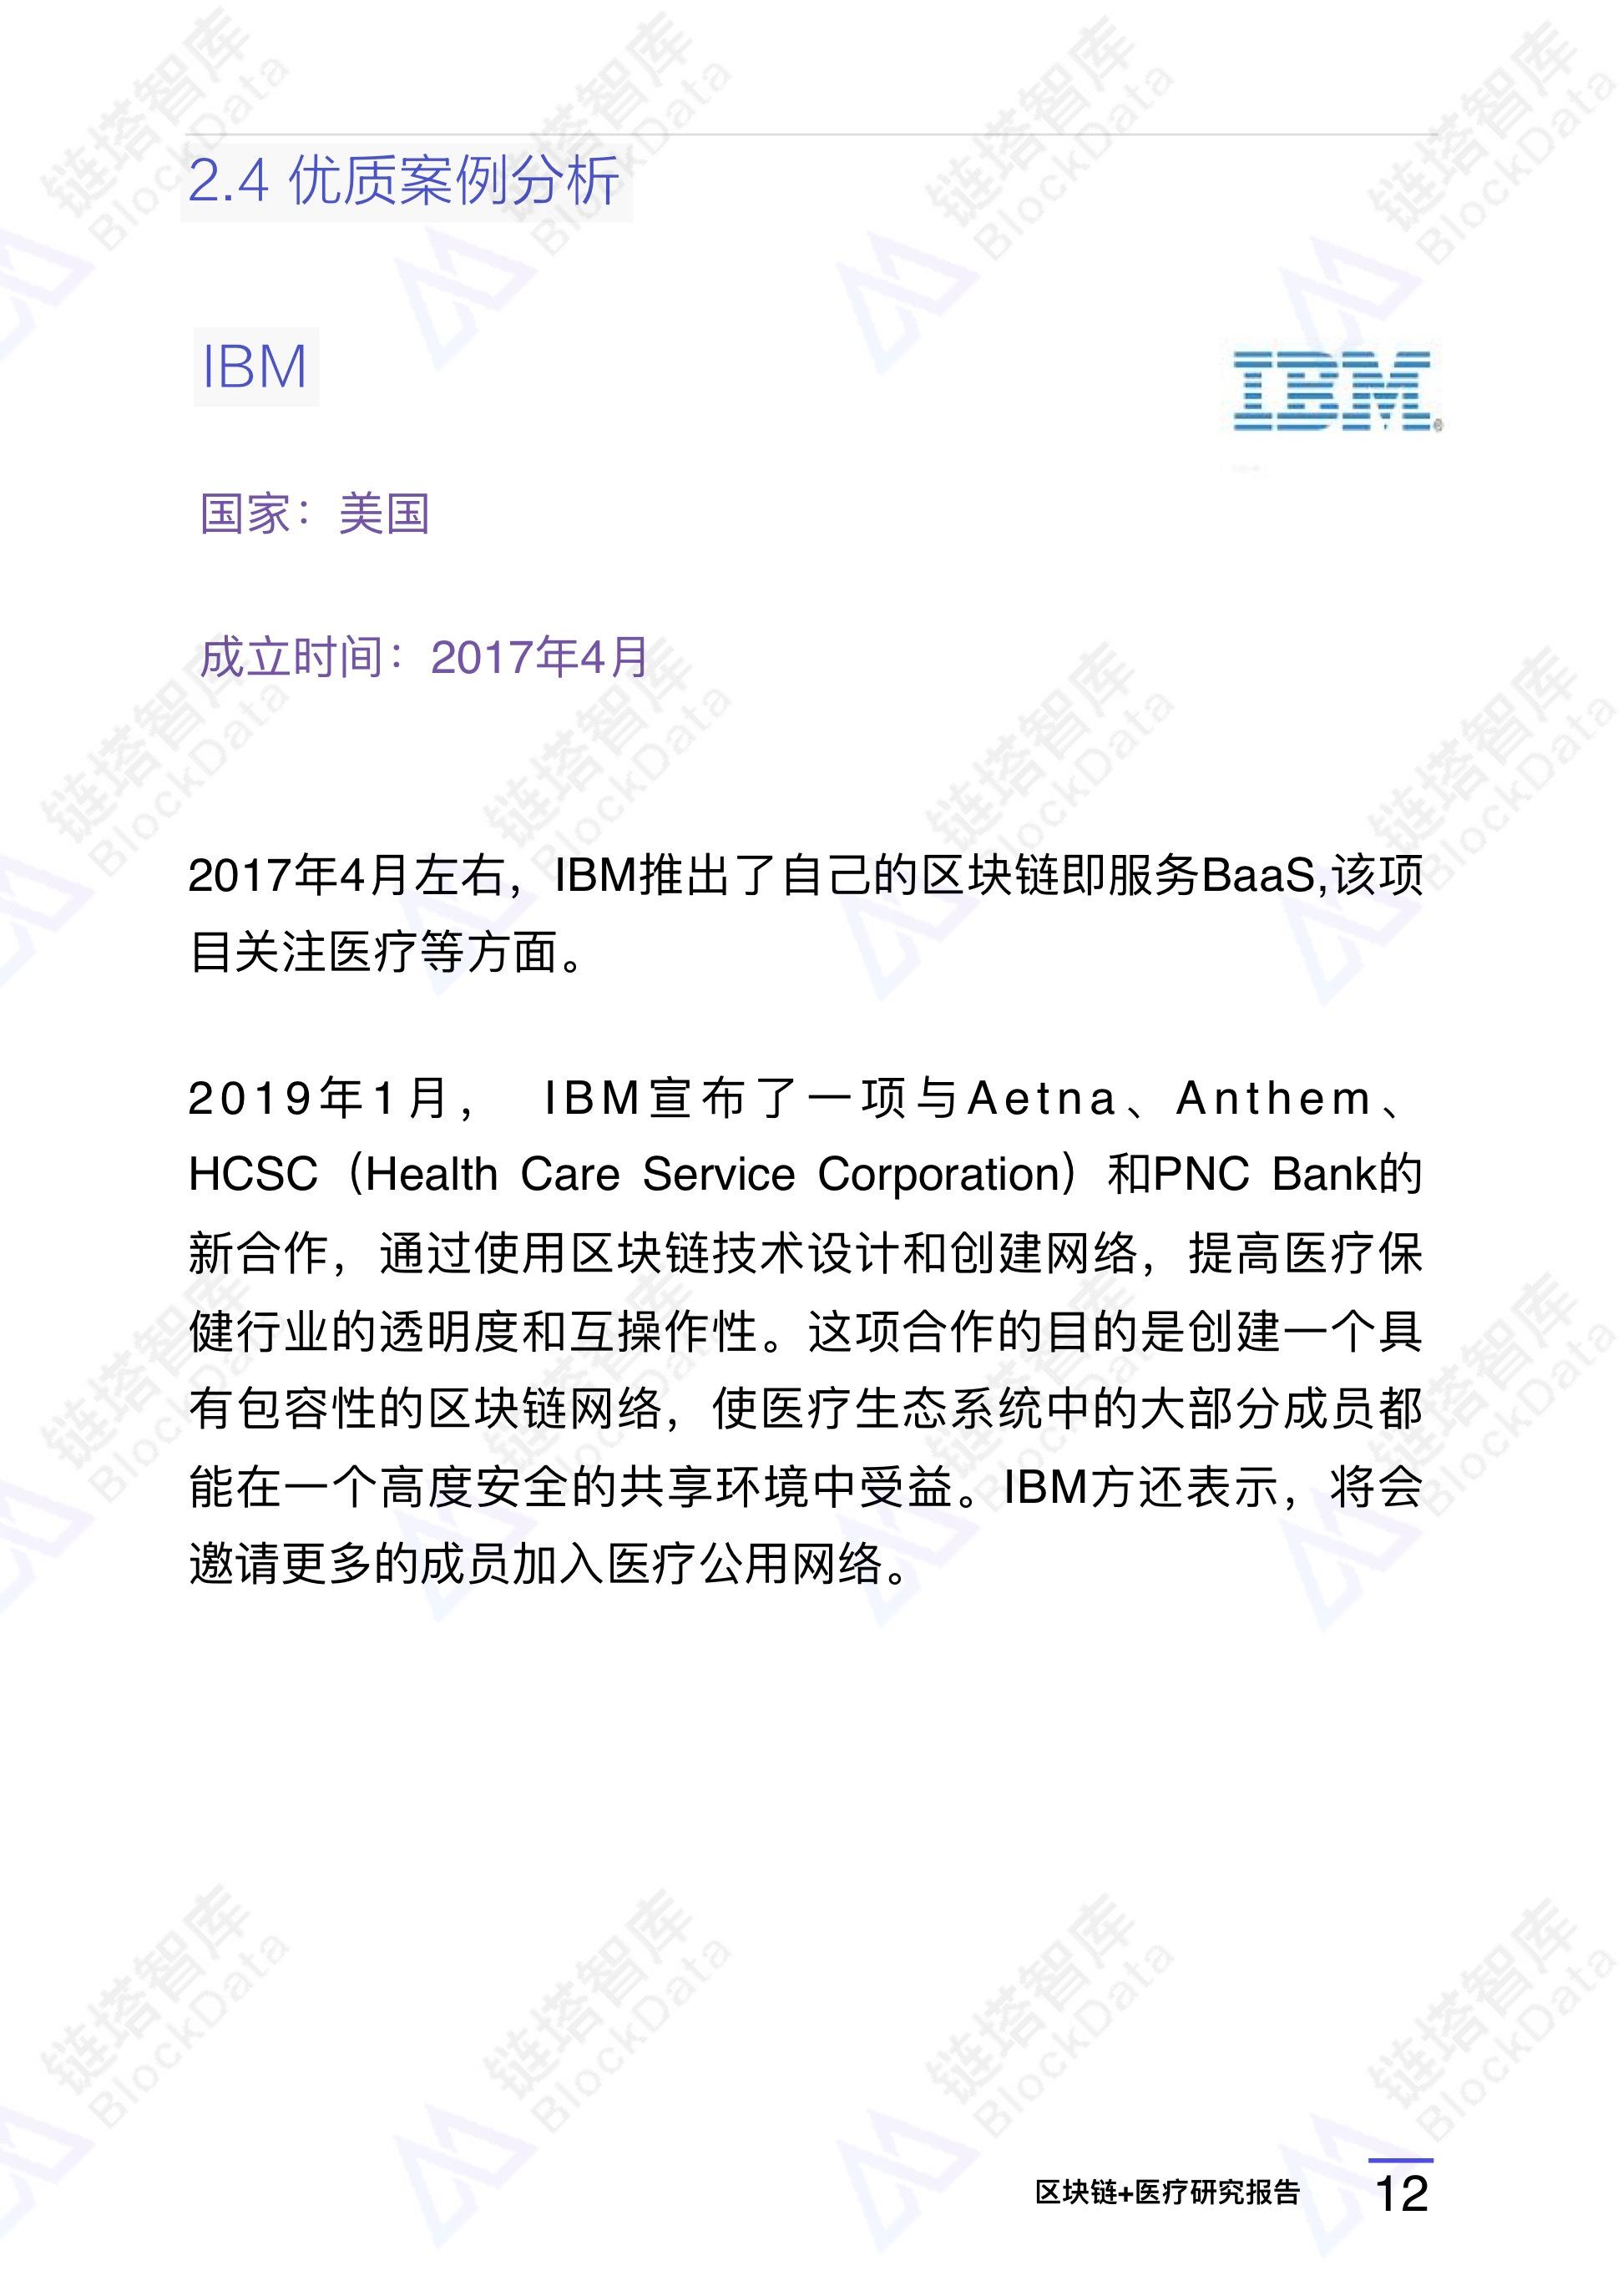 《区块链+医疗研究报告》:阿里、IBM均布局区块链医疗领域